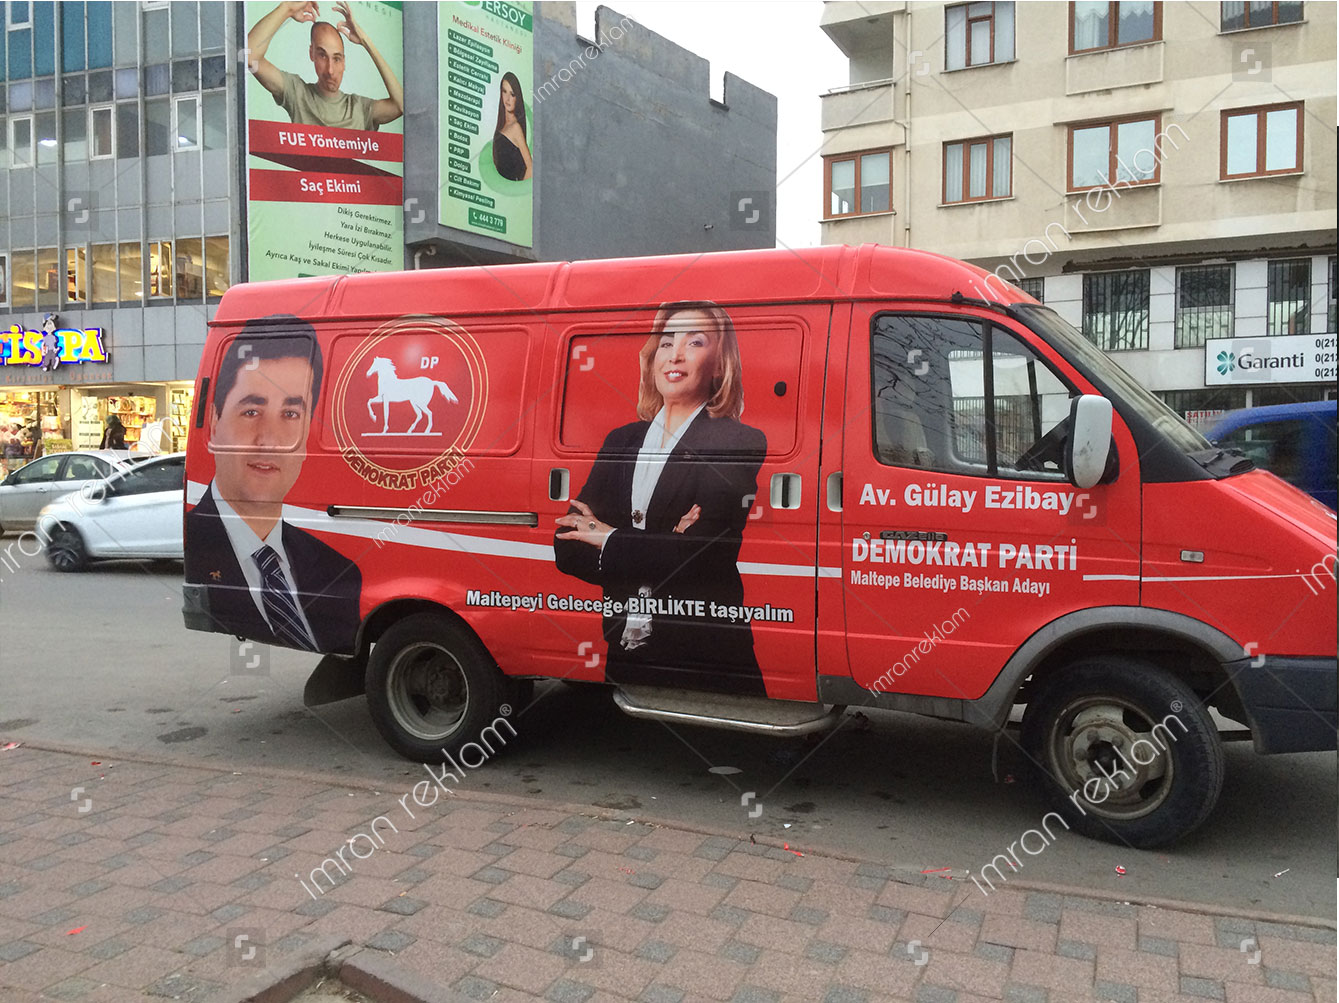 demokrat-parti-arac-reklam-kaplama